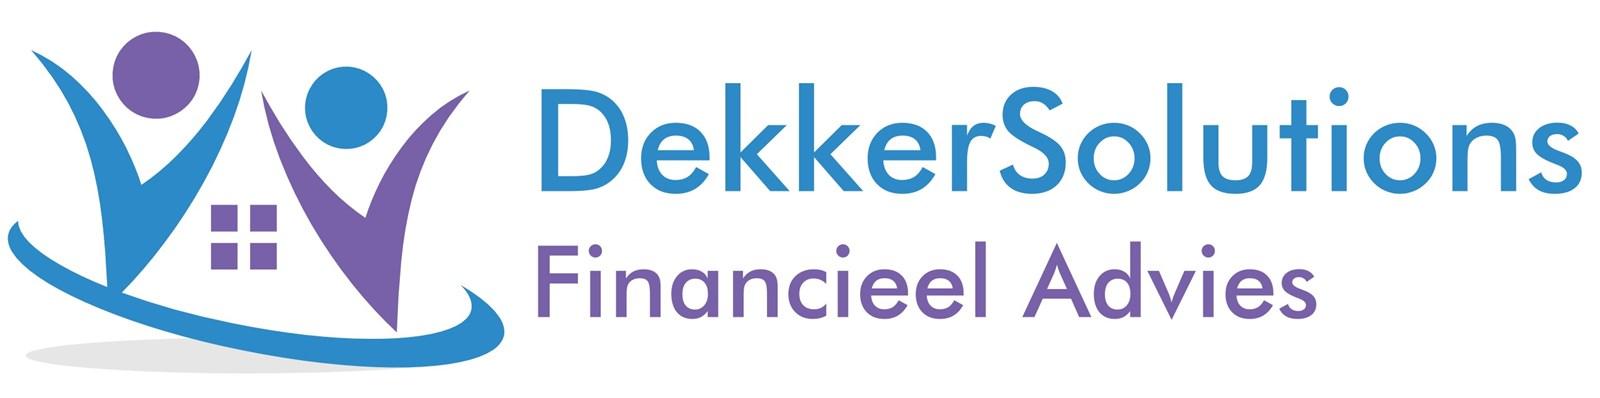 DekkerSolutions Financieel Advies